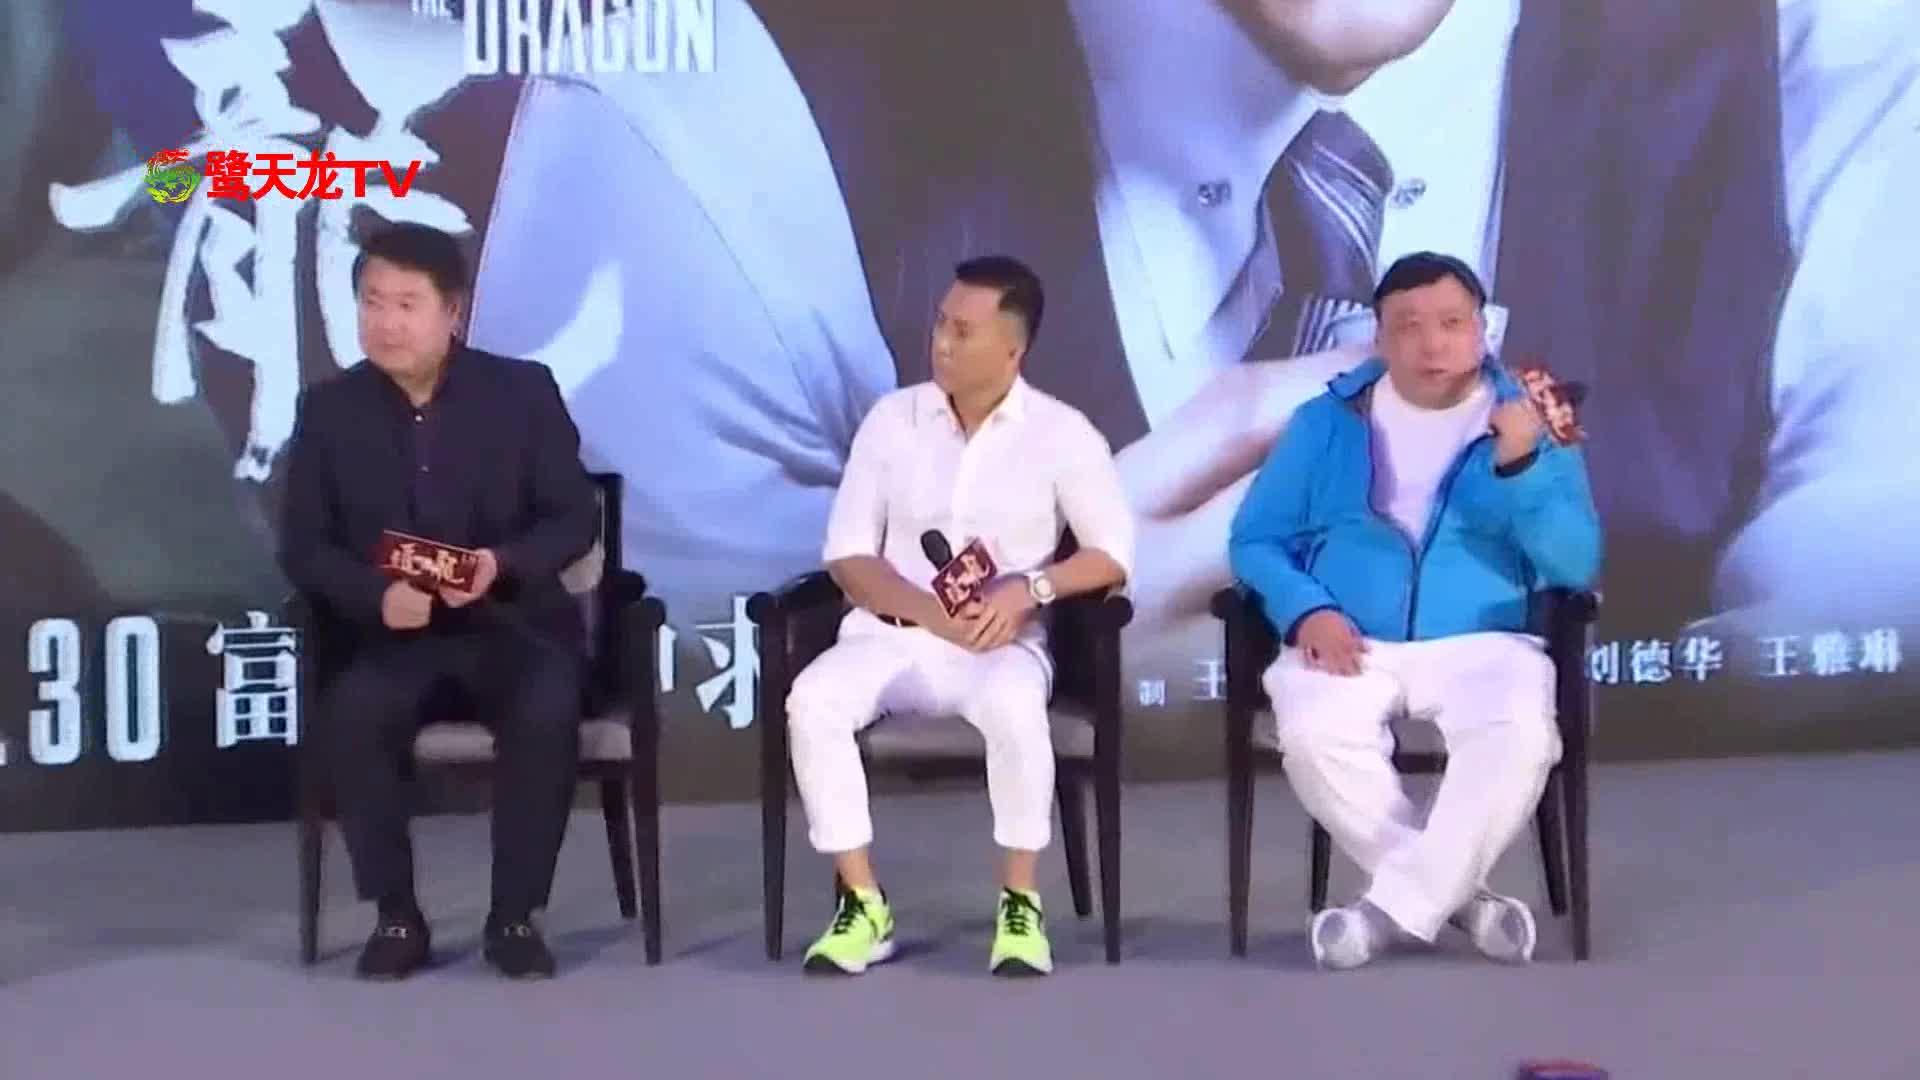 《追龙》发布会 甄子丹演反派入戏太深